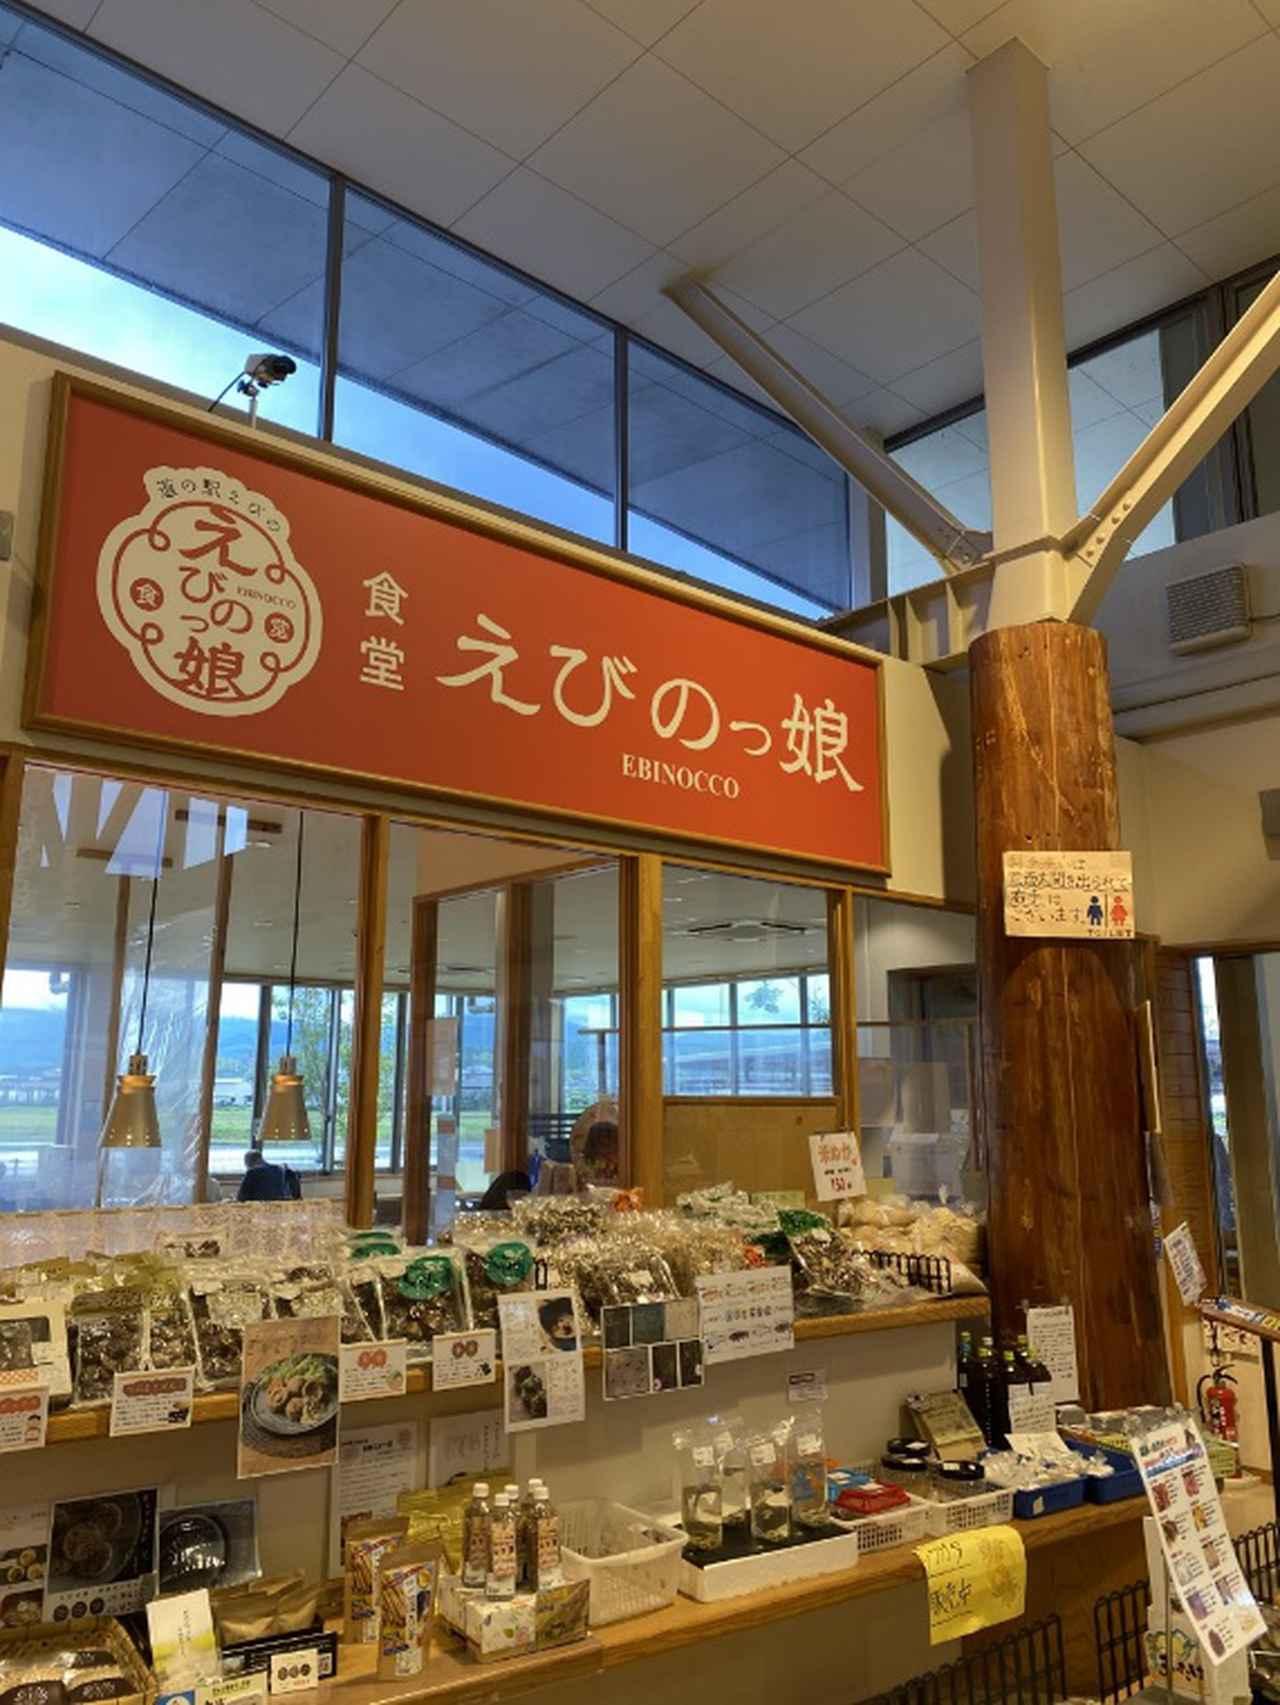 画像9: 宮崎県えびの市 絶景の宝庫でサイクリングを満喫!